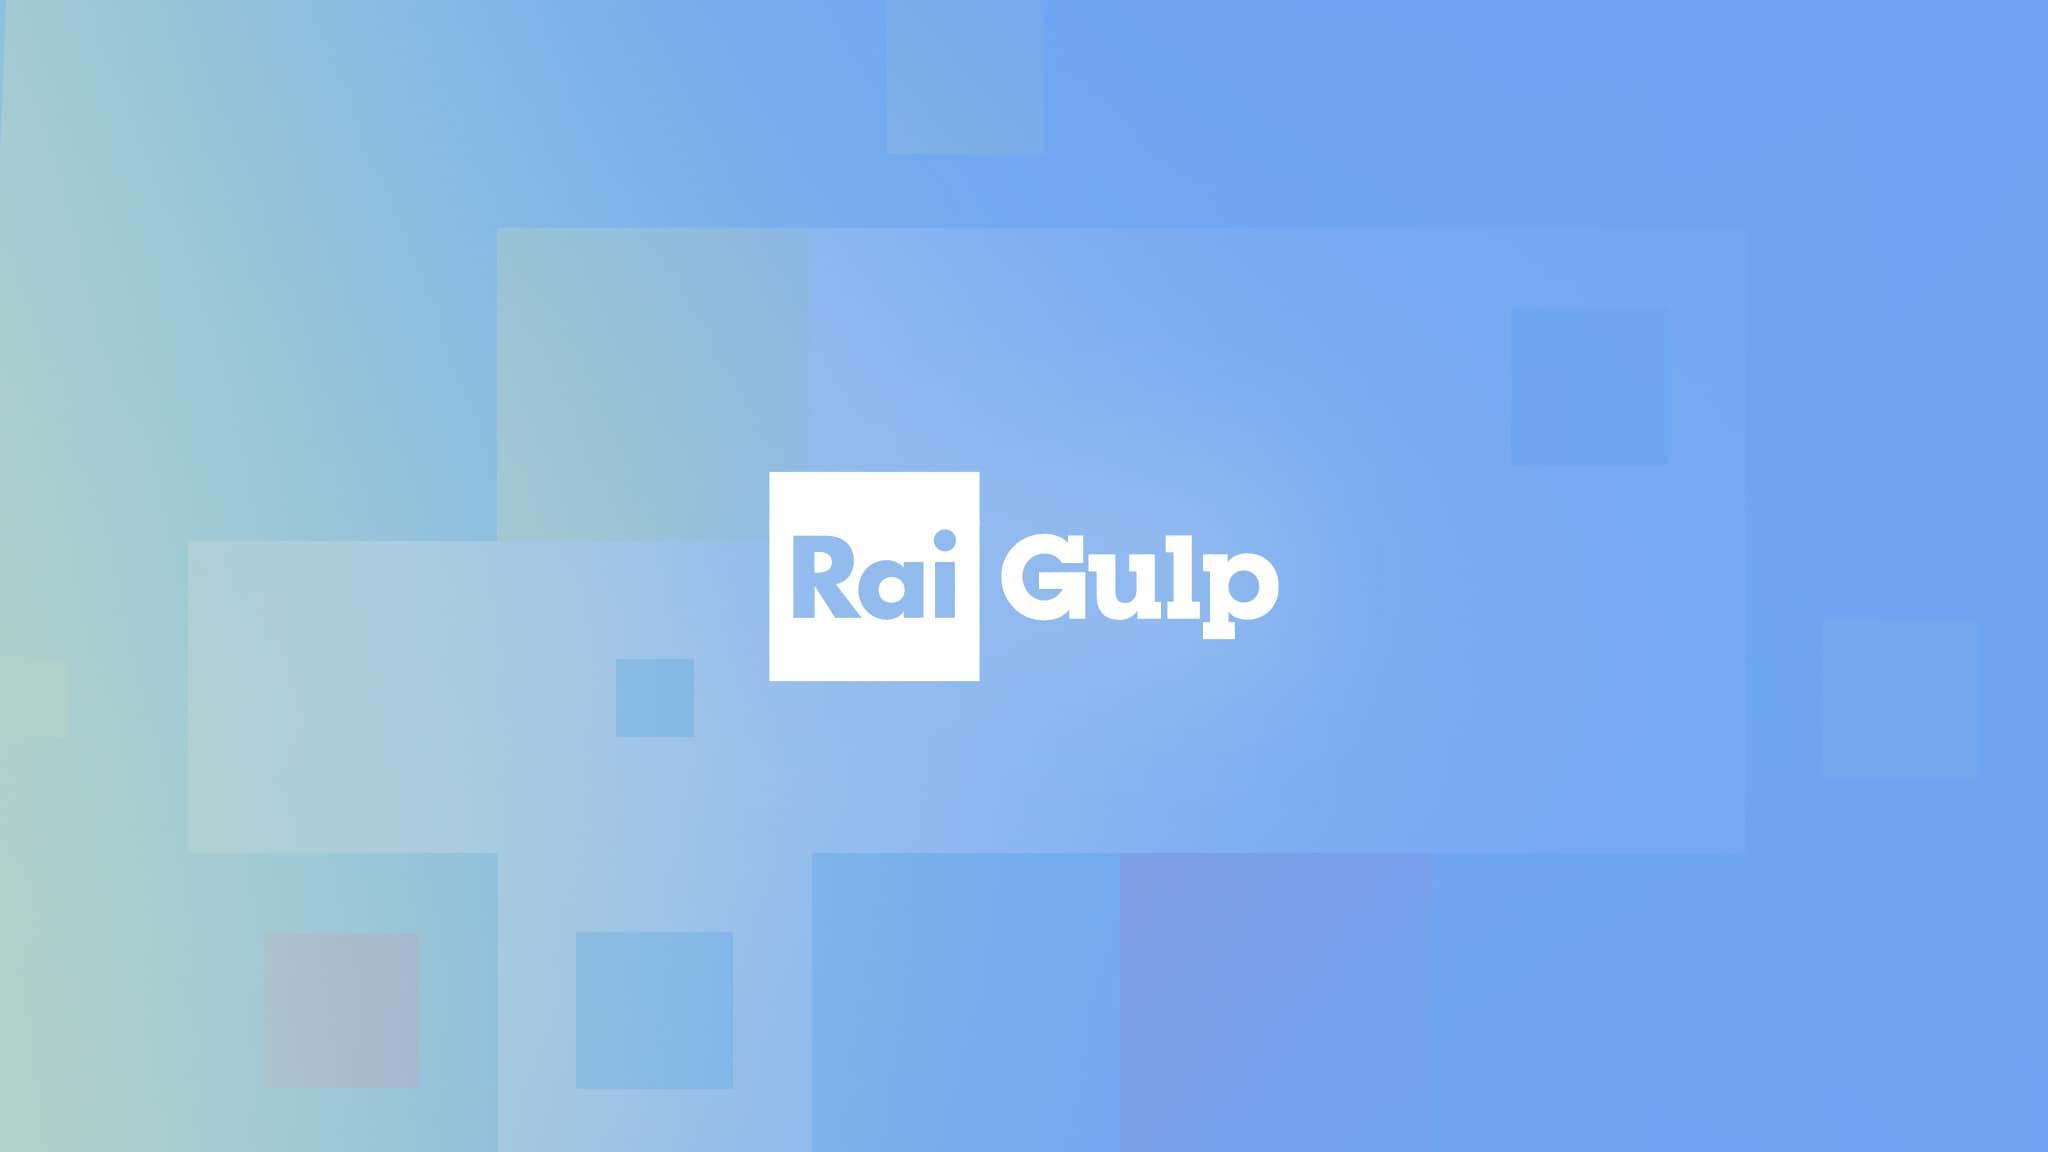 Rai Gulp Game On - S1E7